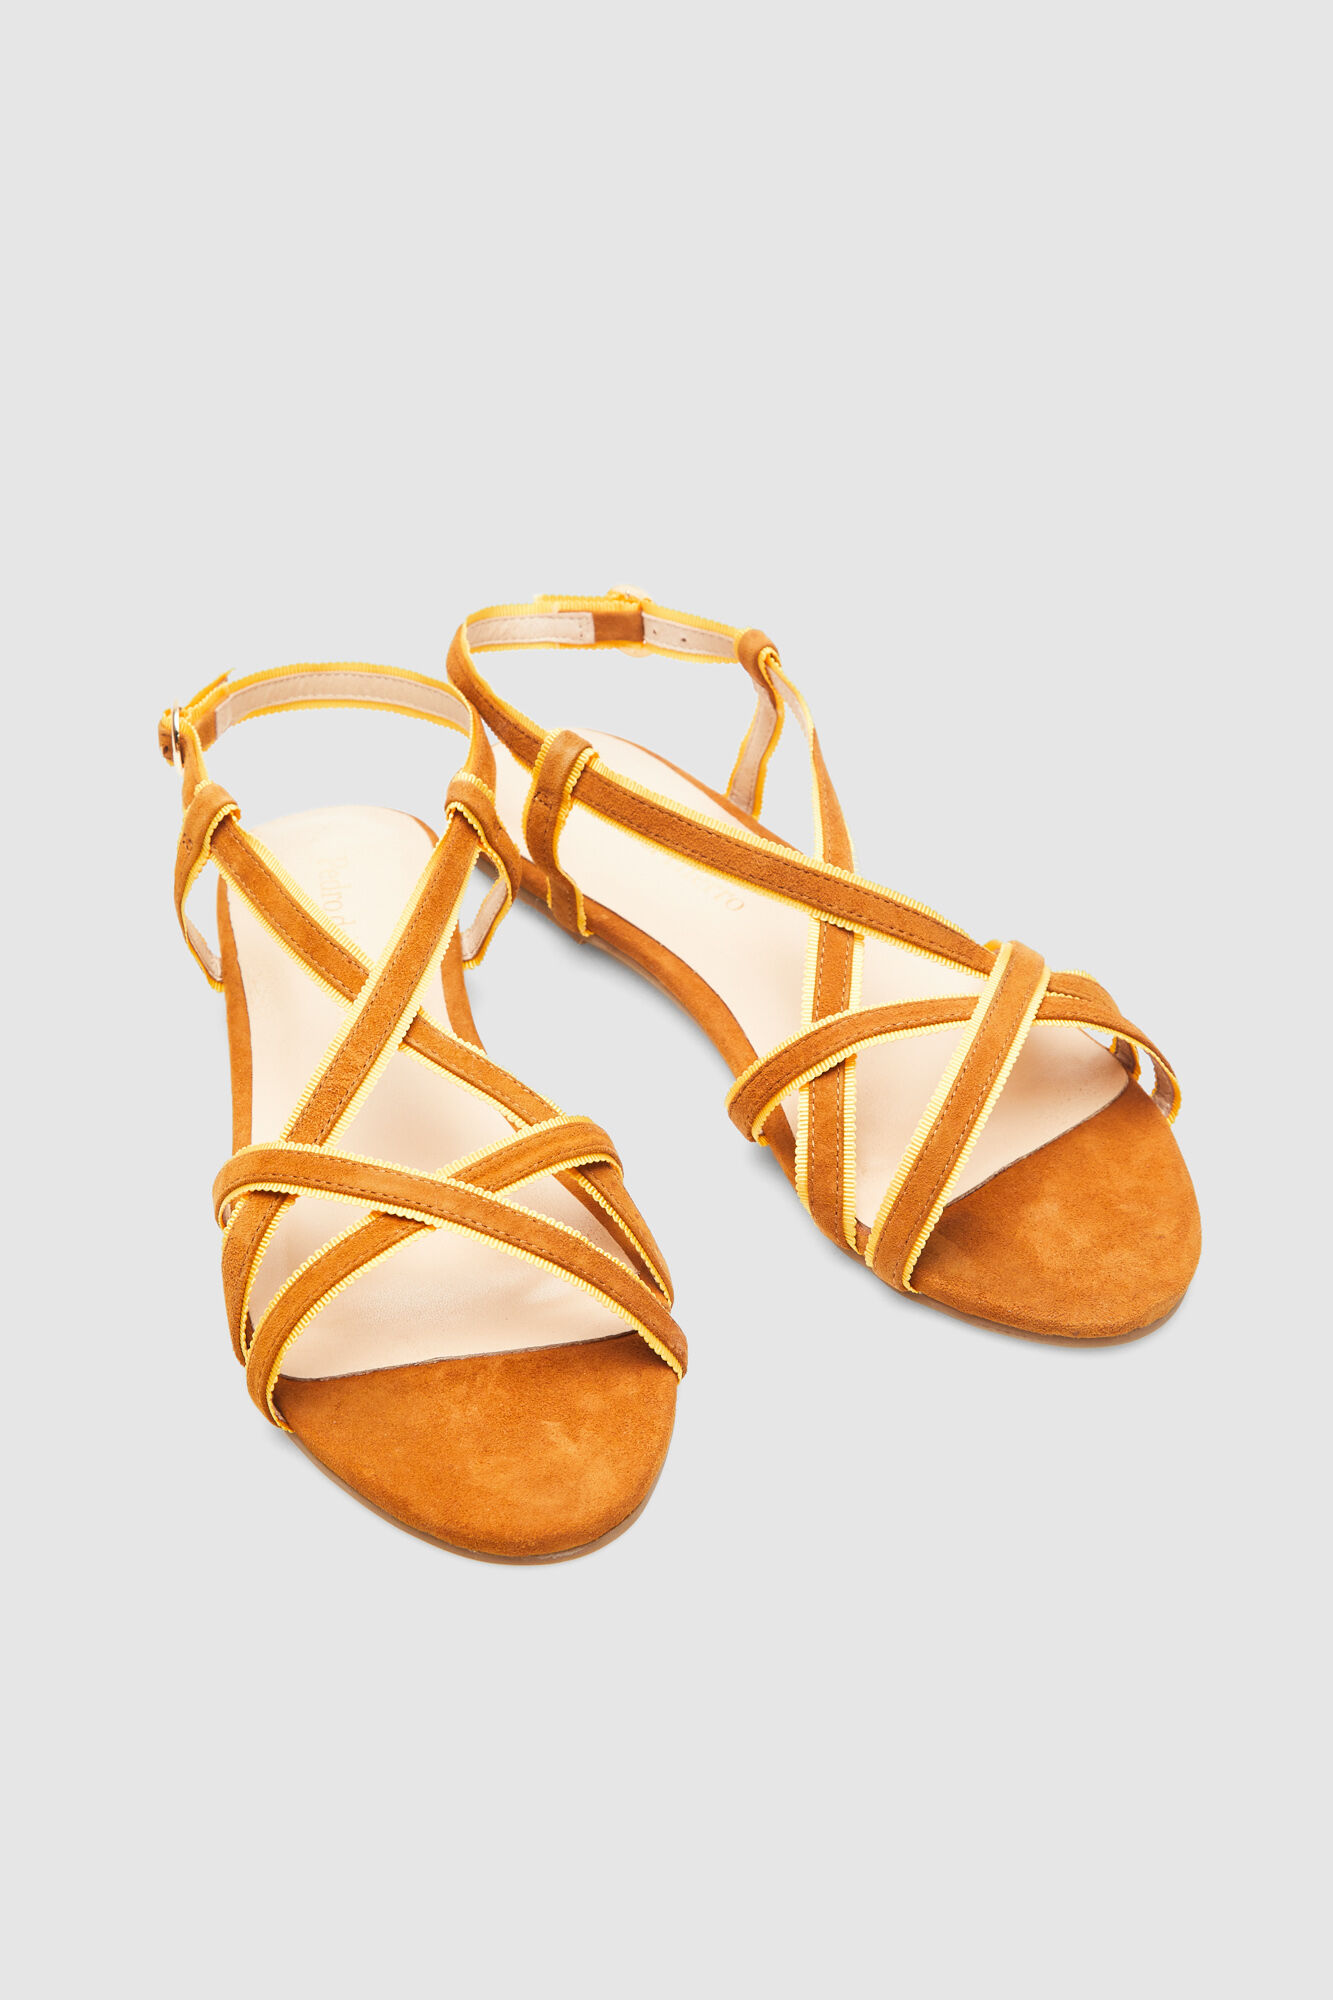 Del Hierro MujerPedro Zapatos MujerPedro Zapatos MujerPedro Hierro De Zapatos Del De De jL4RA35